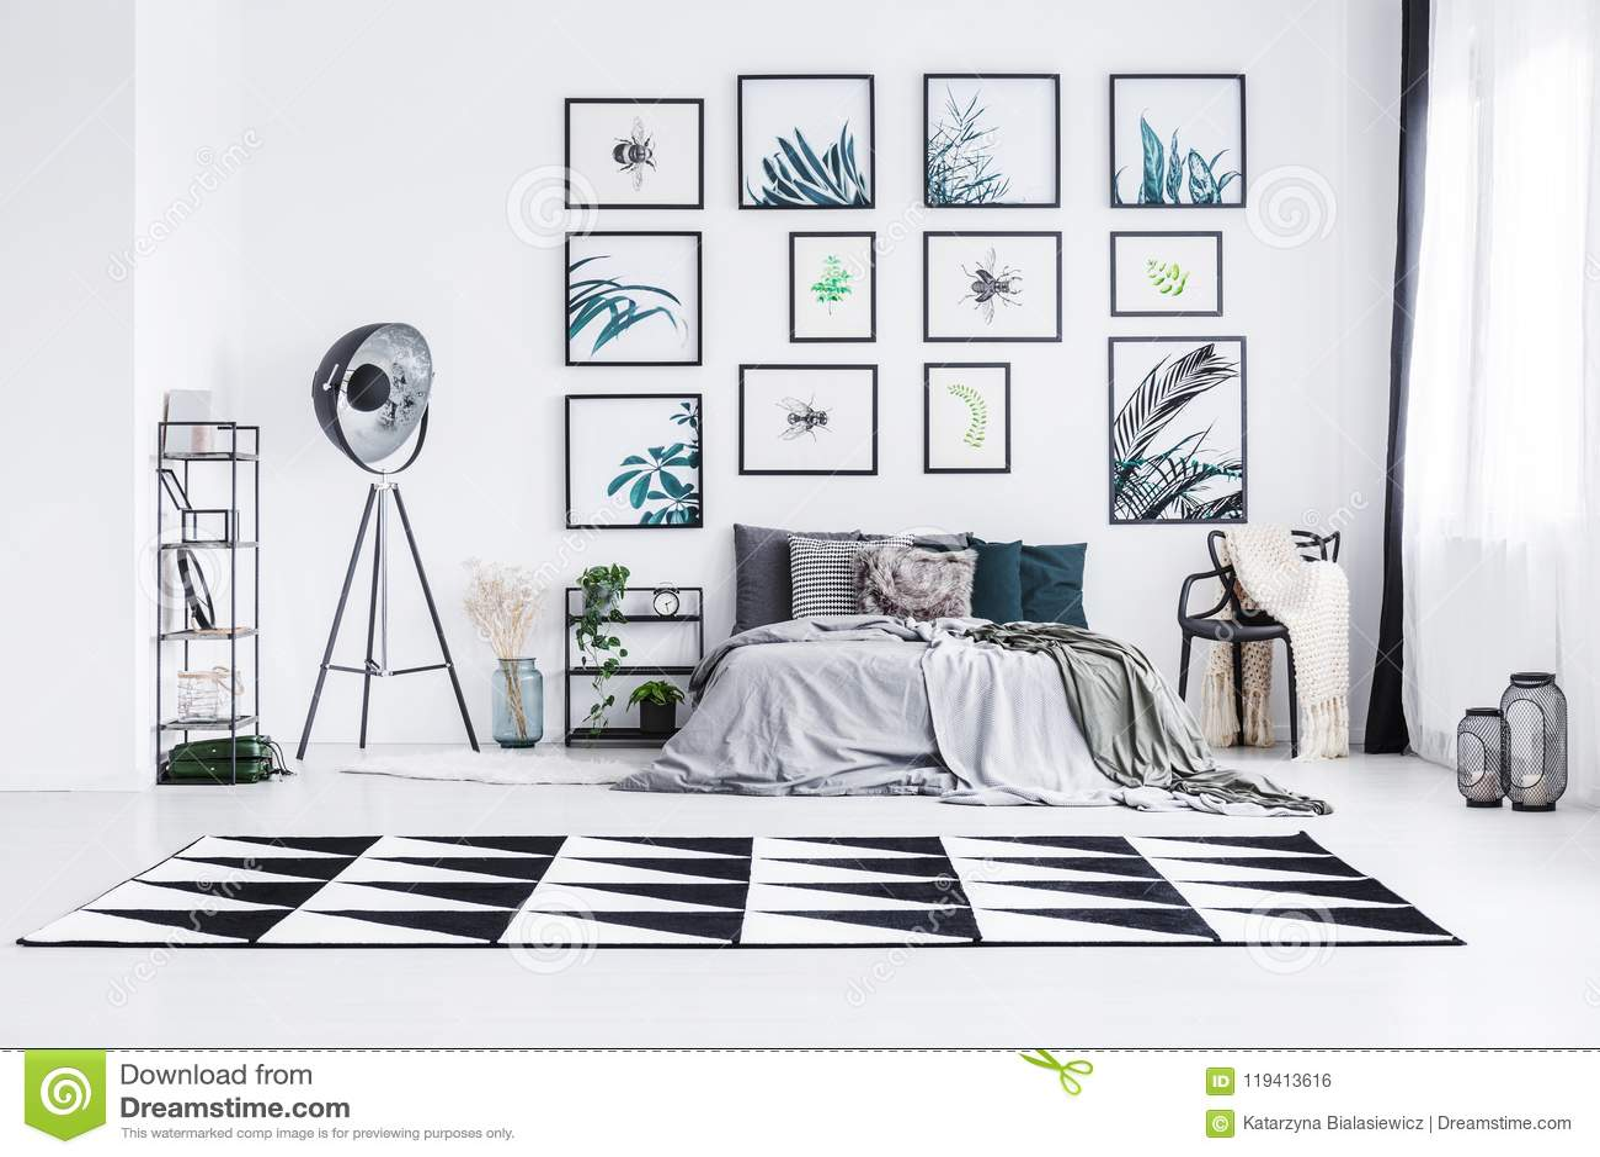 Wirkliches Foto eines Betts, das zwischen einer Lampe und einem Stuhl in einem bri steht